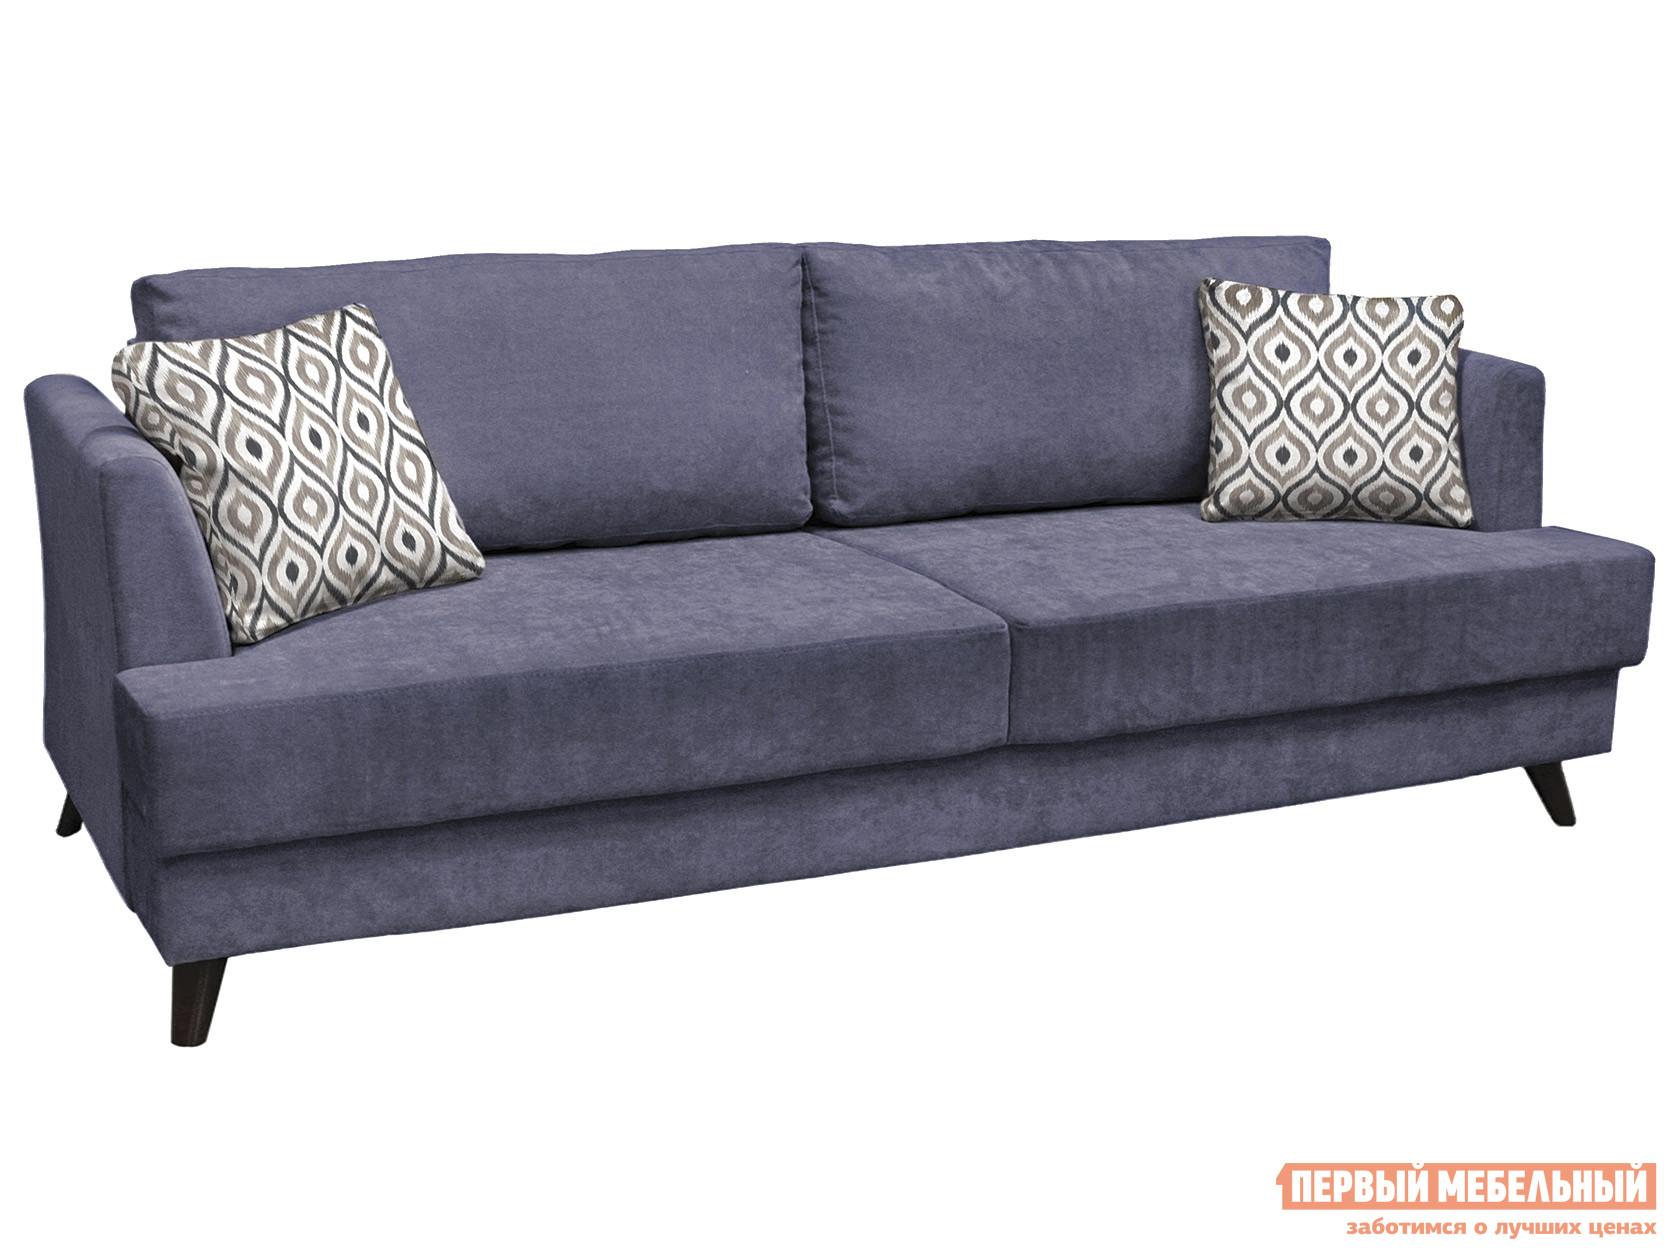 Прямой диван Первый Мебельный Диван Дамаск